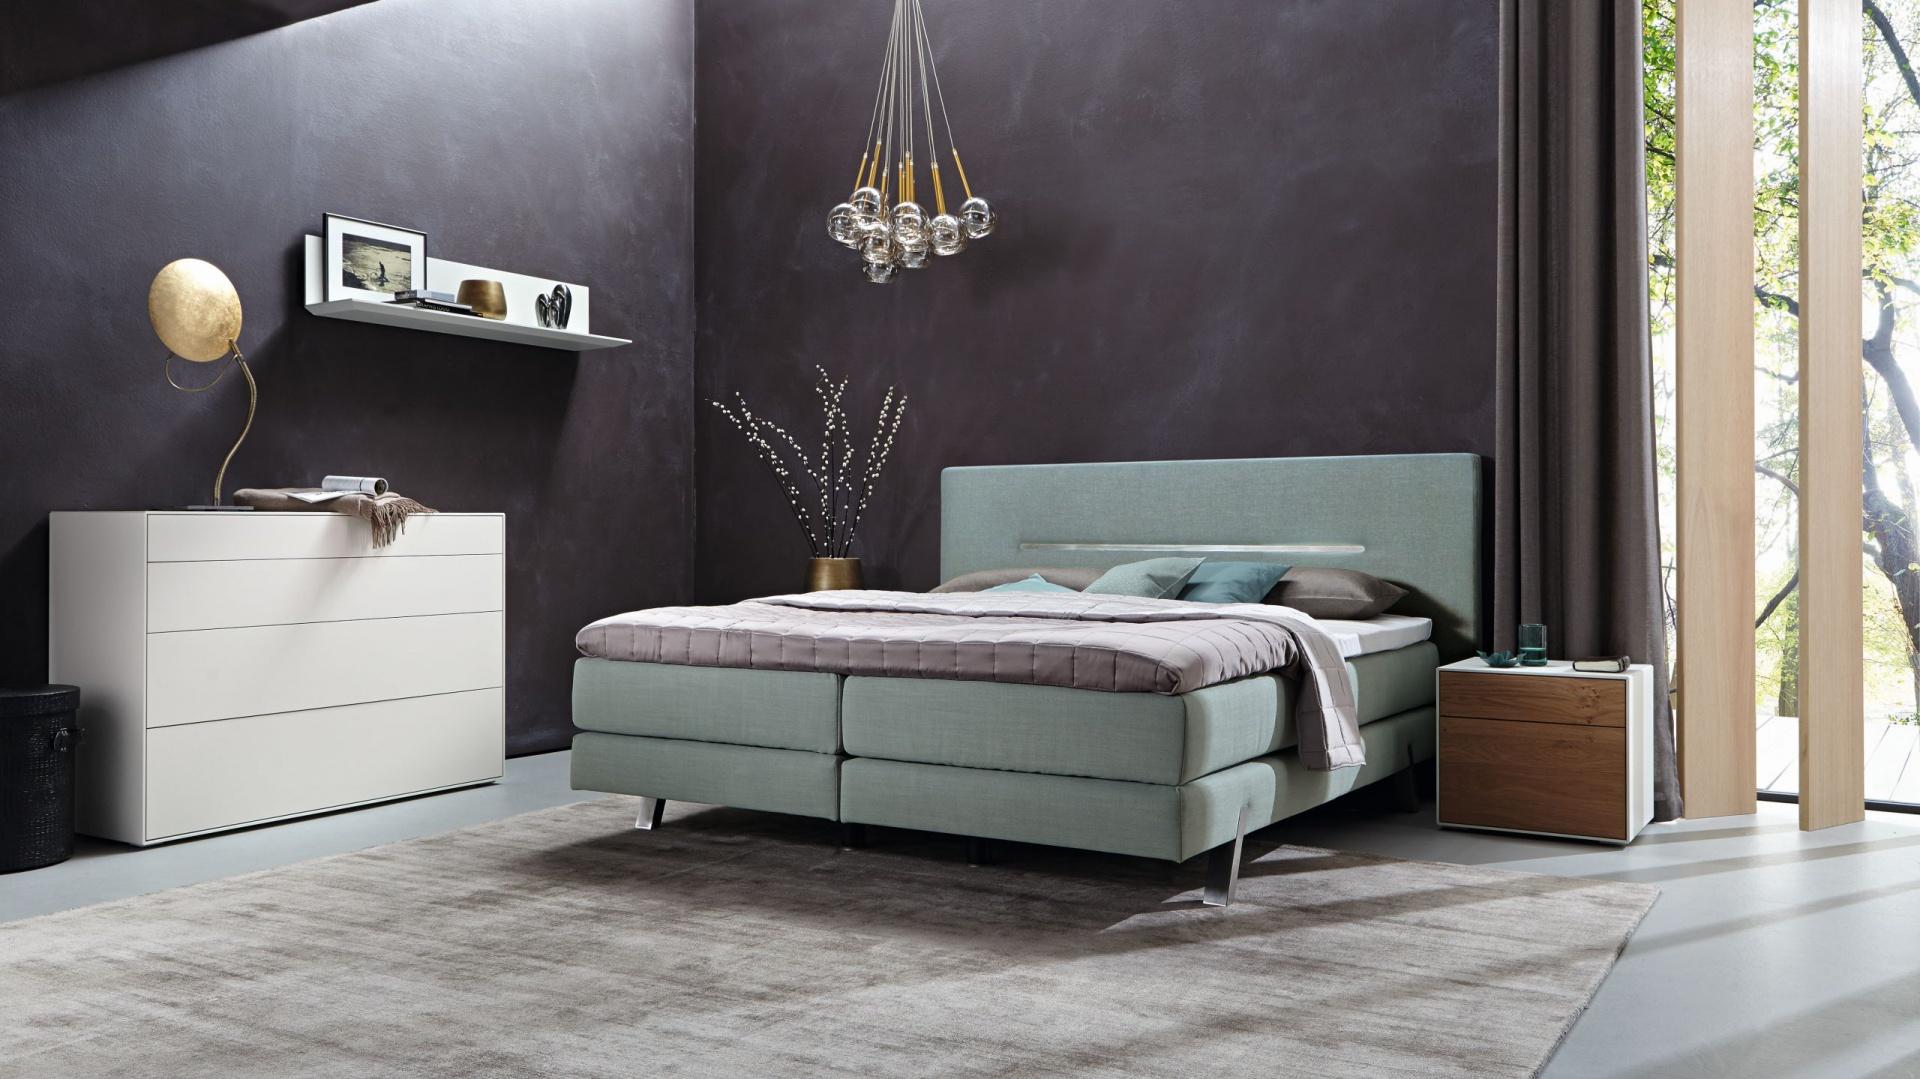 Łóżko typu boxspring z kolekcji Suite Harmony Hülsta, dostępne w tkaninowym obiciu. Dekoracyjny element na zagłówku wykonany ze stali koresponduje z wykończeniem nóżek. Fot. Hülsta